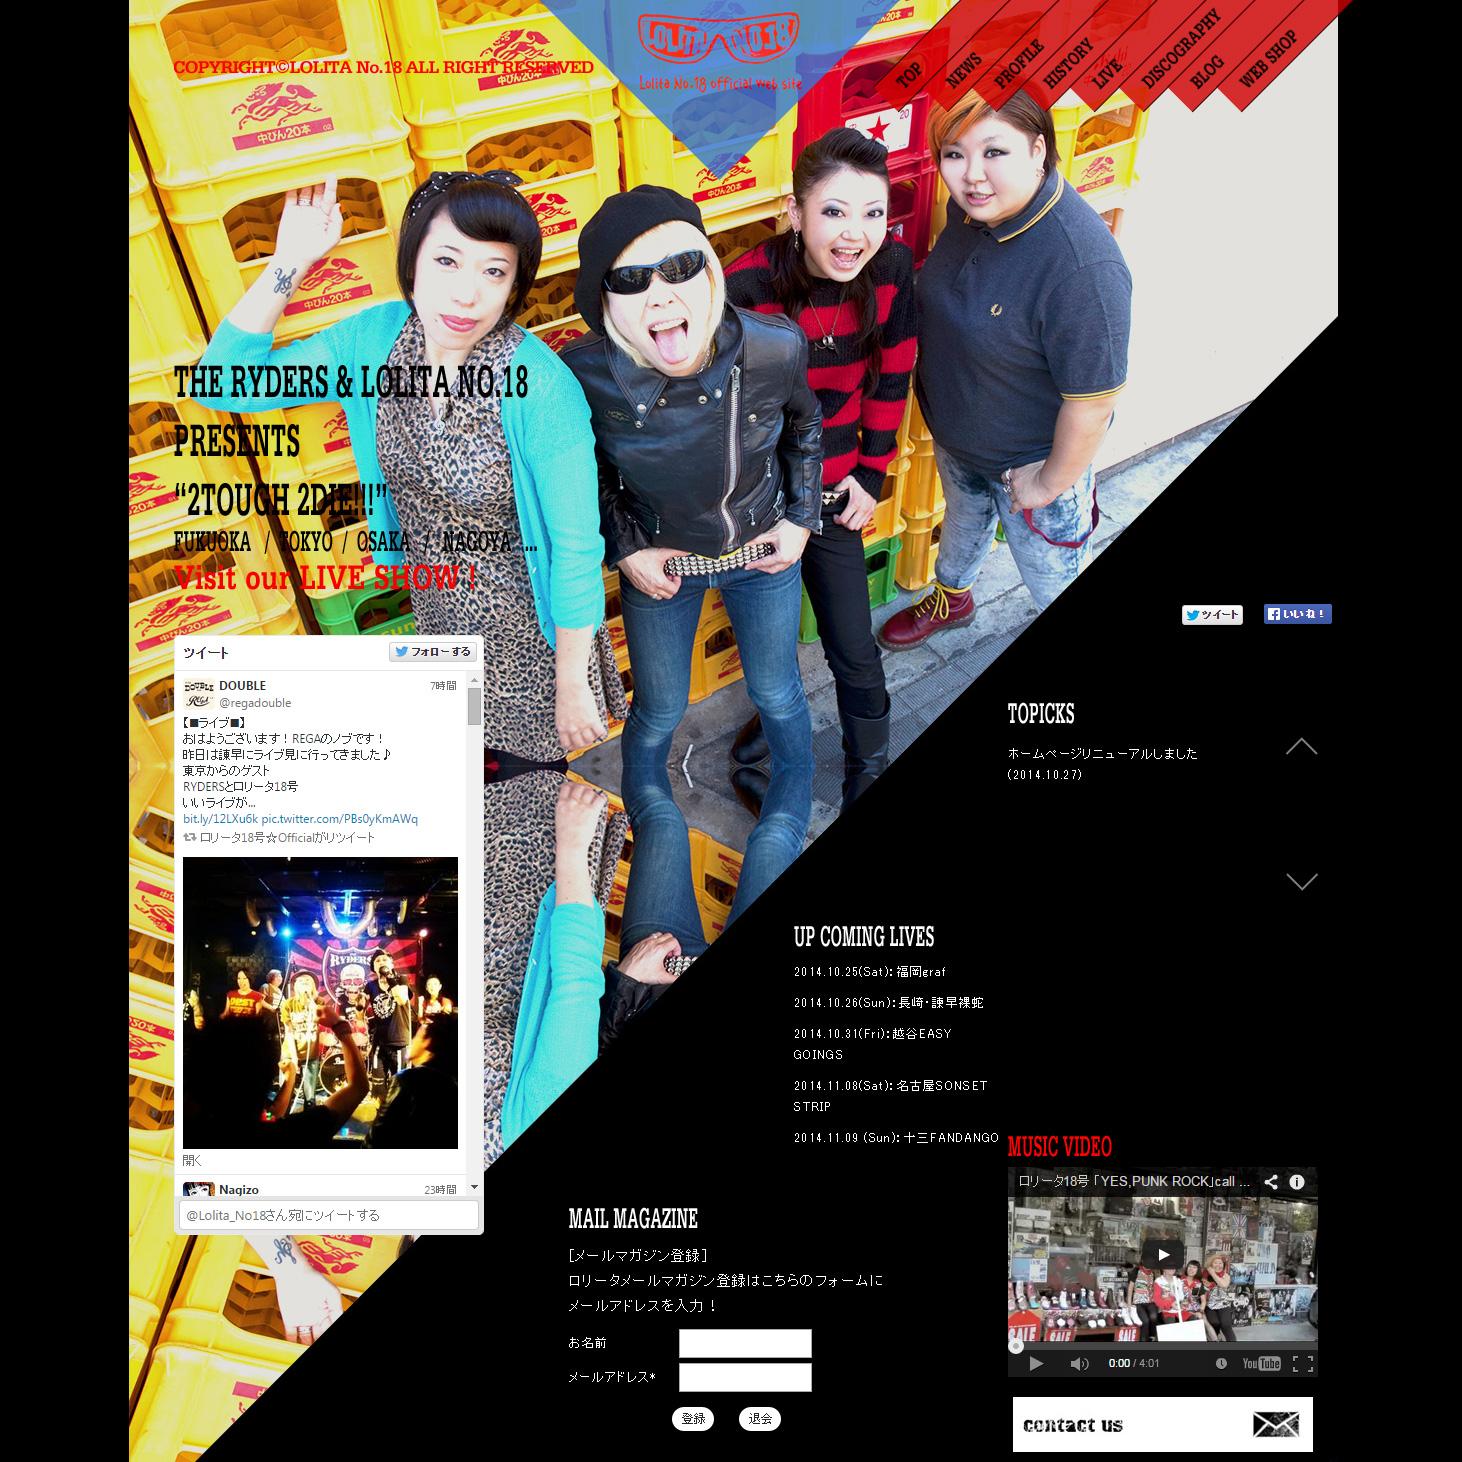 ロリータ18号 オフィシャルWEBサイト